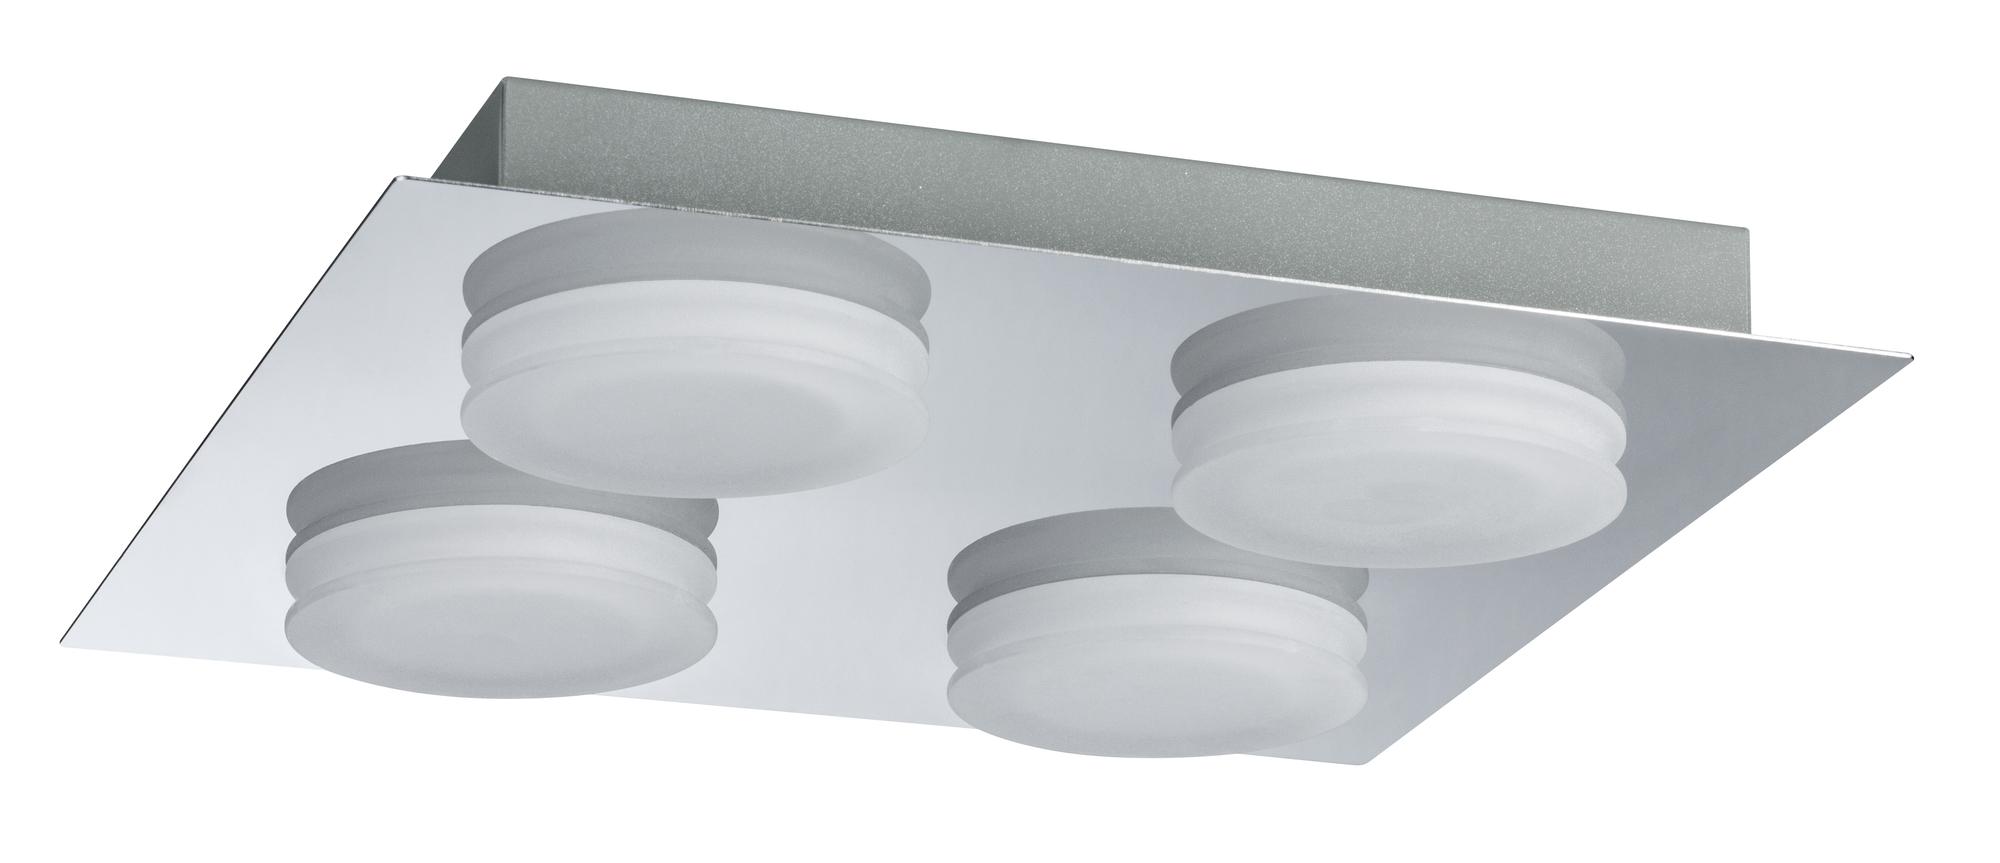 PAULMANN P 70875 koupelnové osvětlení + 5 let záruka ZDARMA!